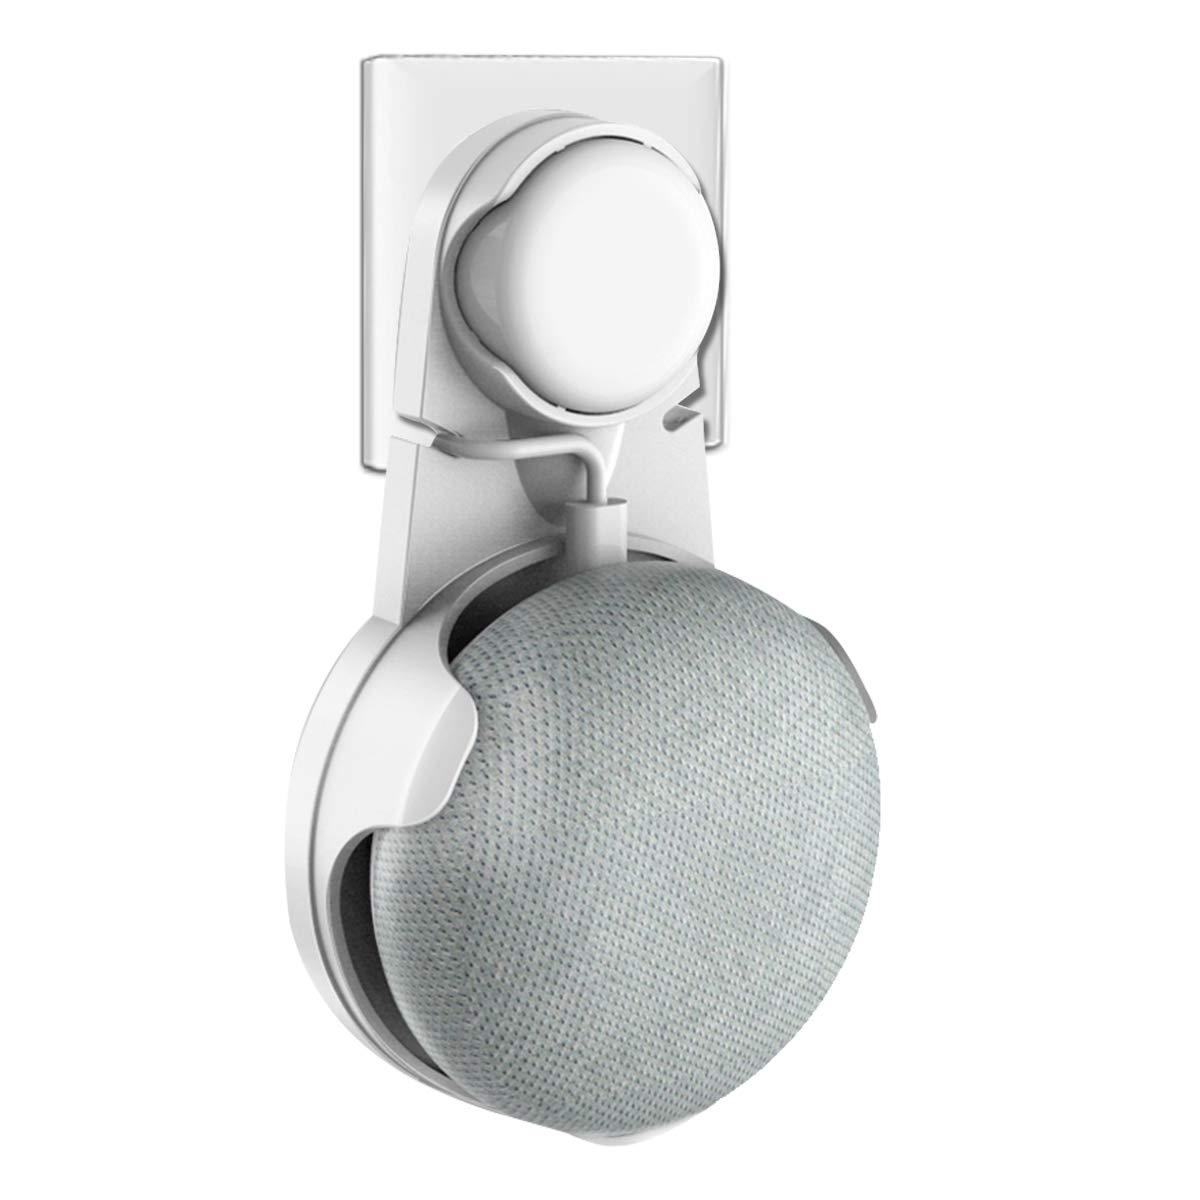 bd63fd653 Wigoo Soporte para Google Home Mini, solución para su Altavoz de Inicio  Inteligente sin Cables sucios o Pegatinas, Adecuado para Cocina, baño y  Dormitorio ...